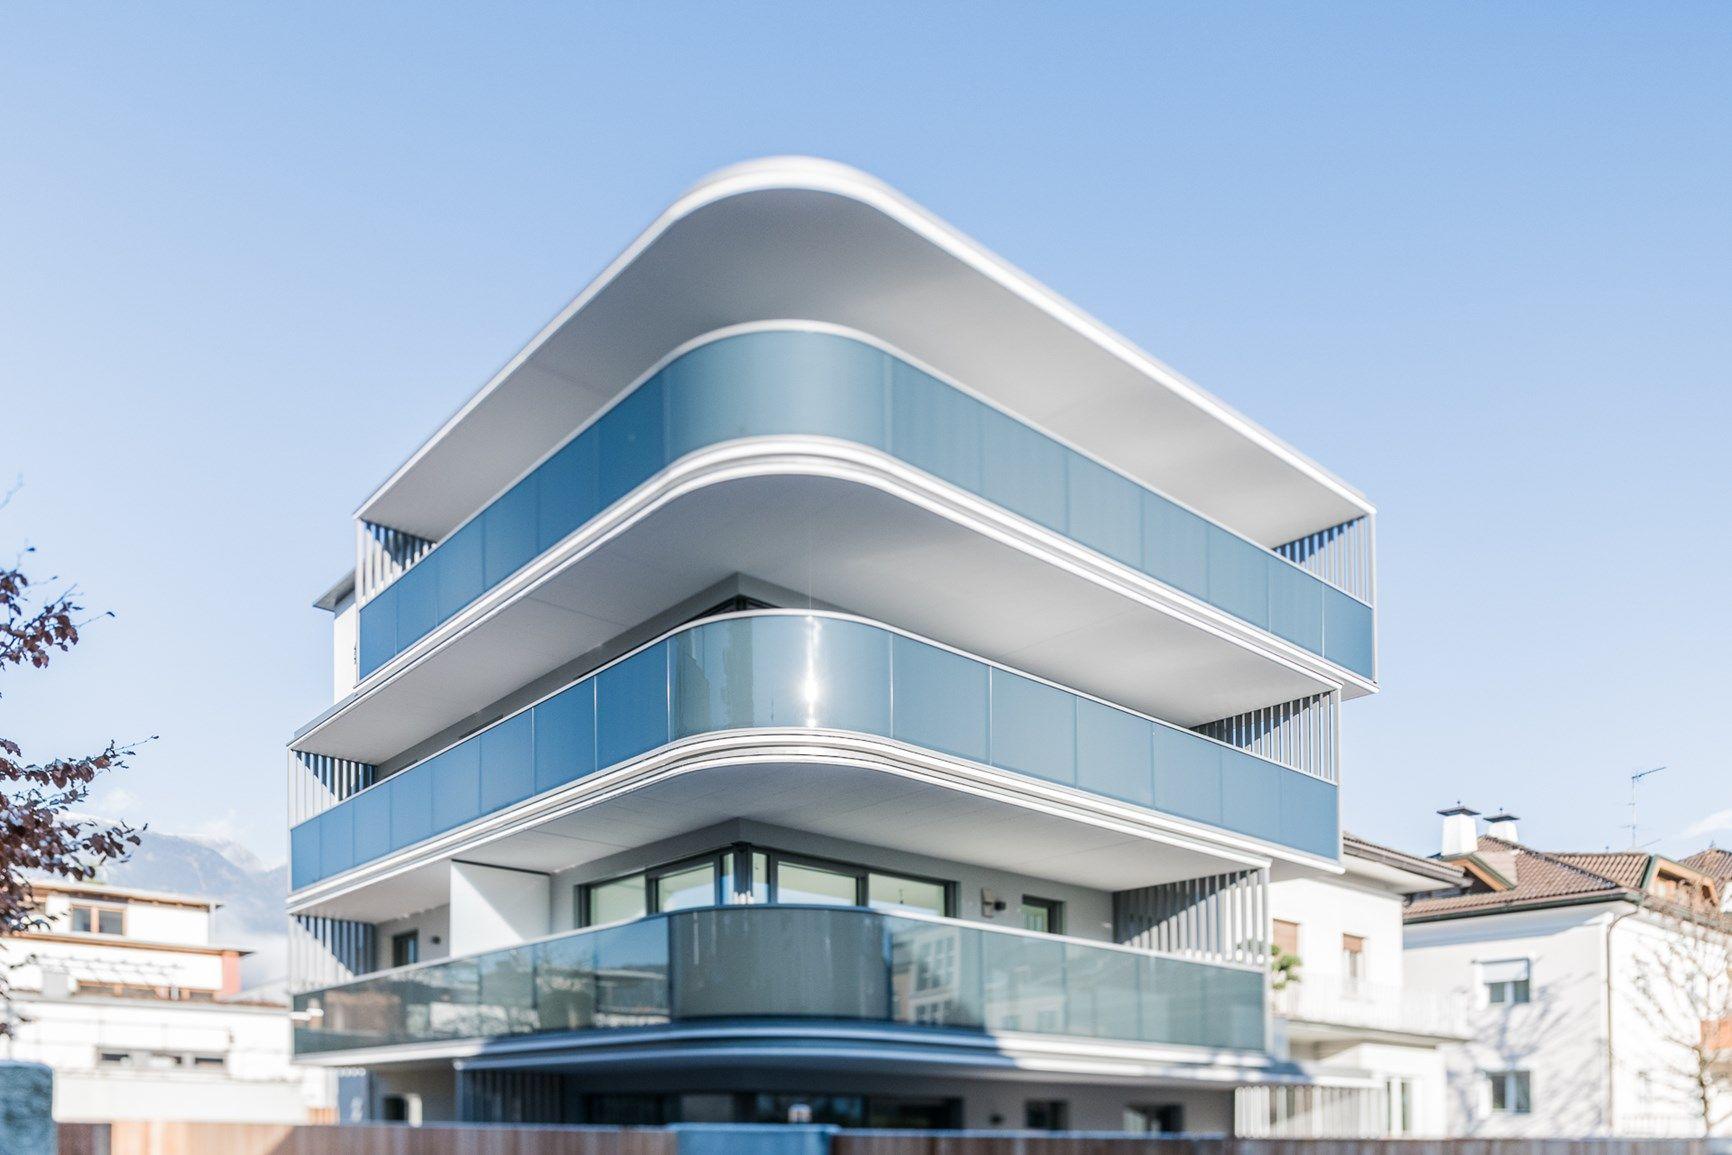 Schöck Isokorb®: taglio termico, design e libertà di progettazione